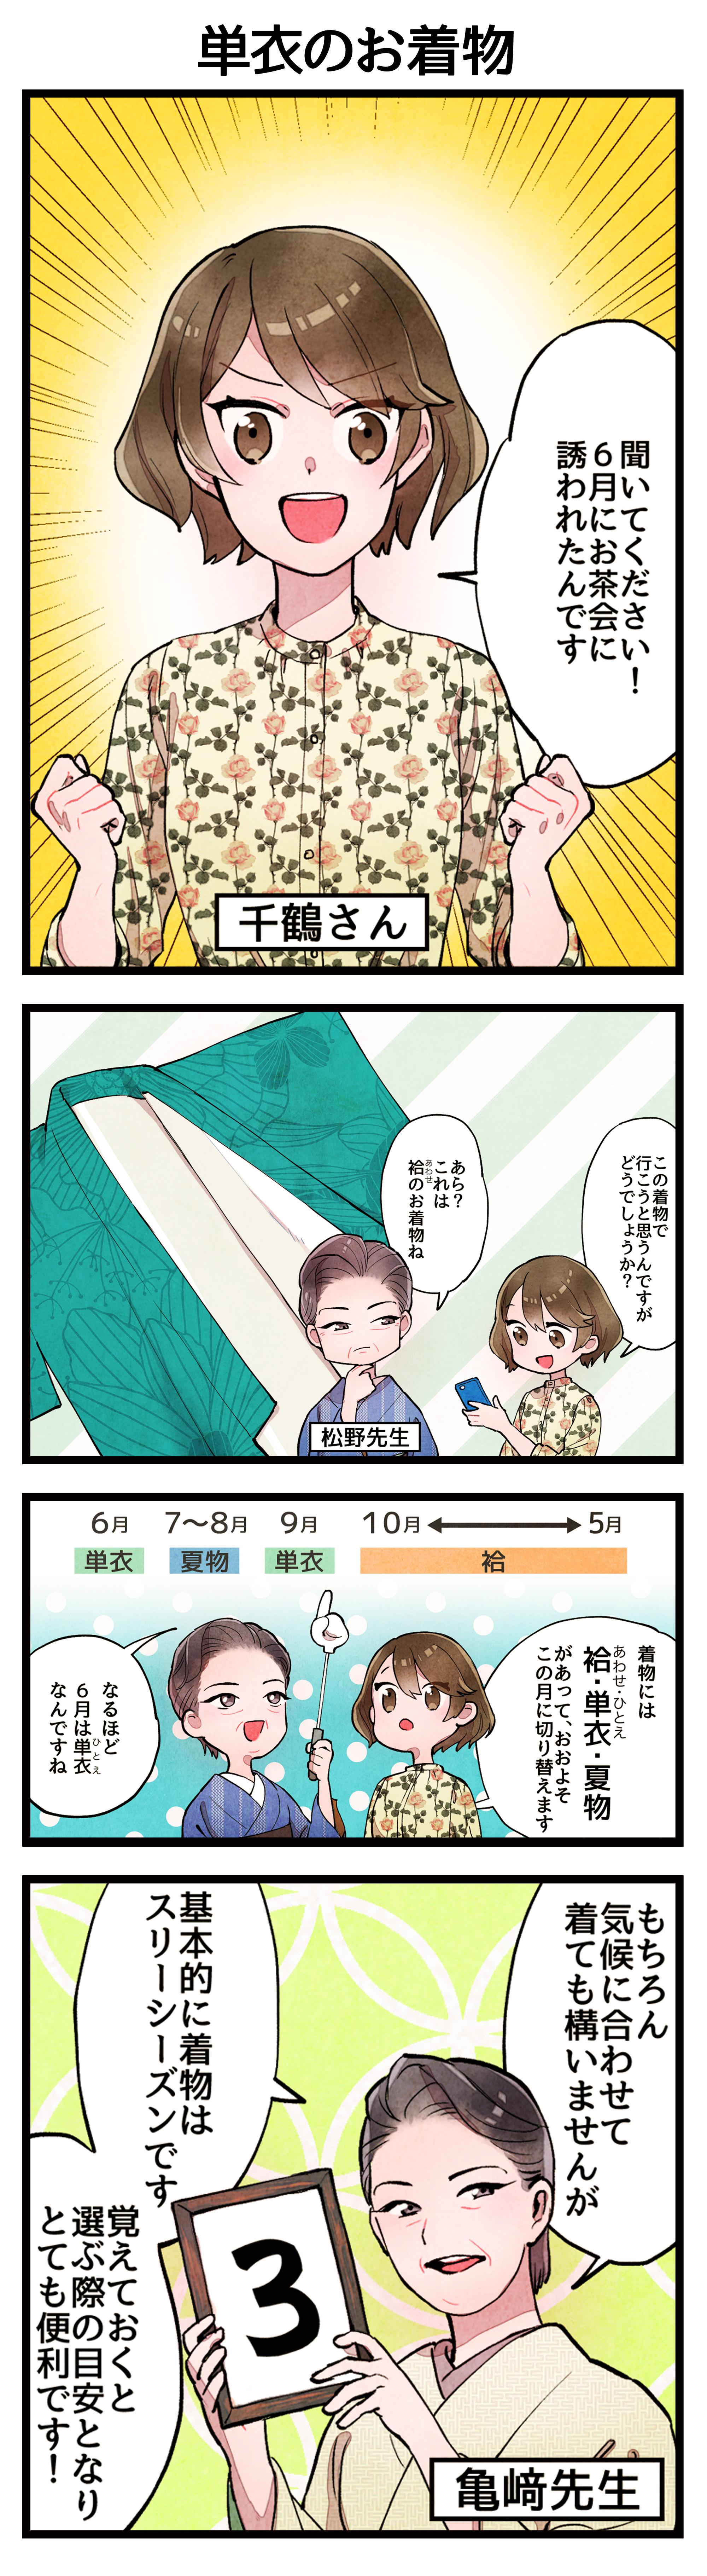 単衣のお着物 大阪・兵庫・京都・滋賀・奈良など近畿一円に 日本の伝統と文化を広める「きもの着付け教室」